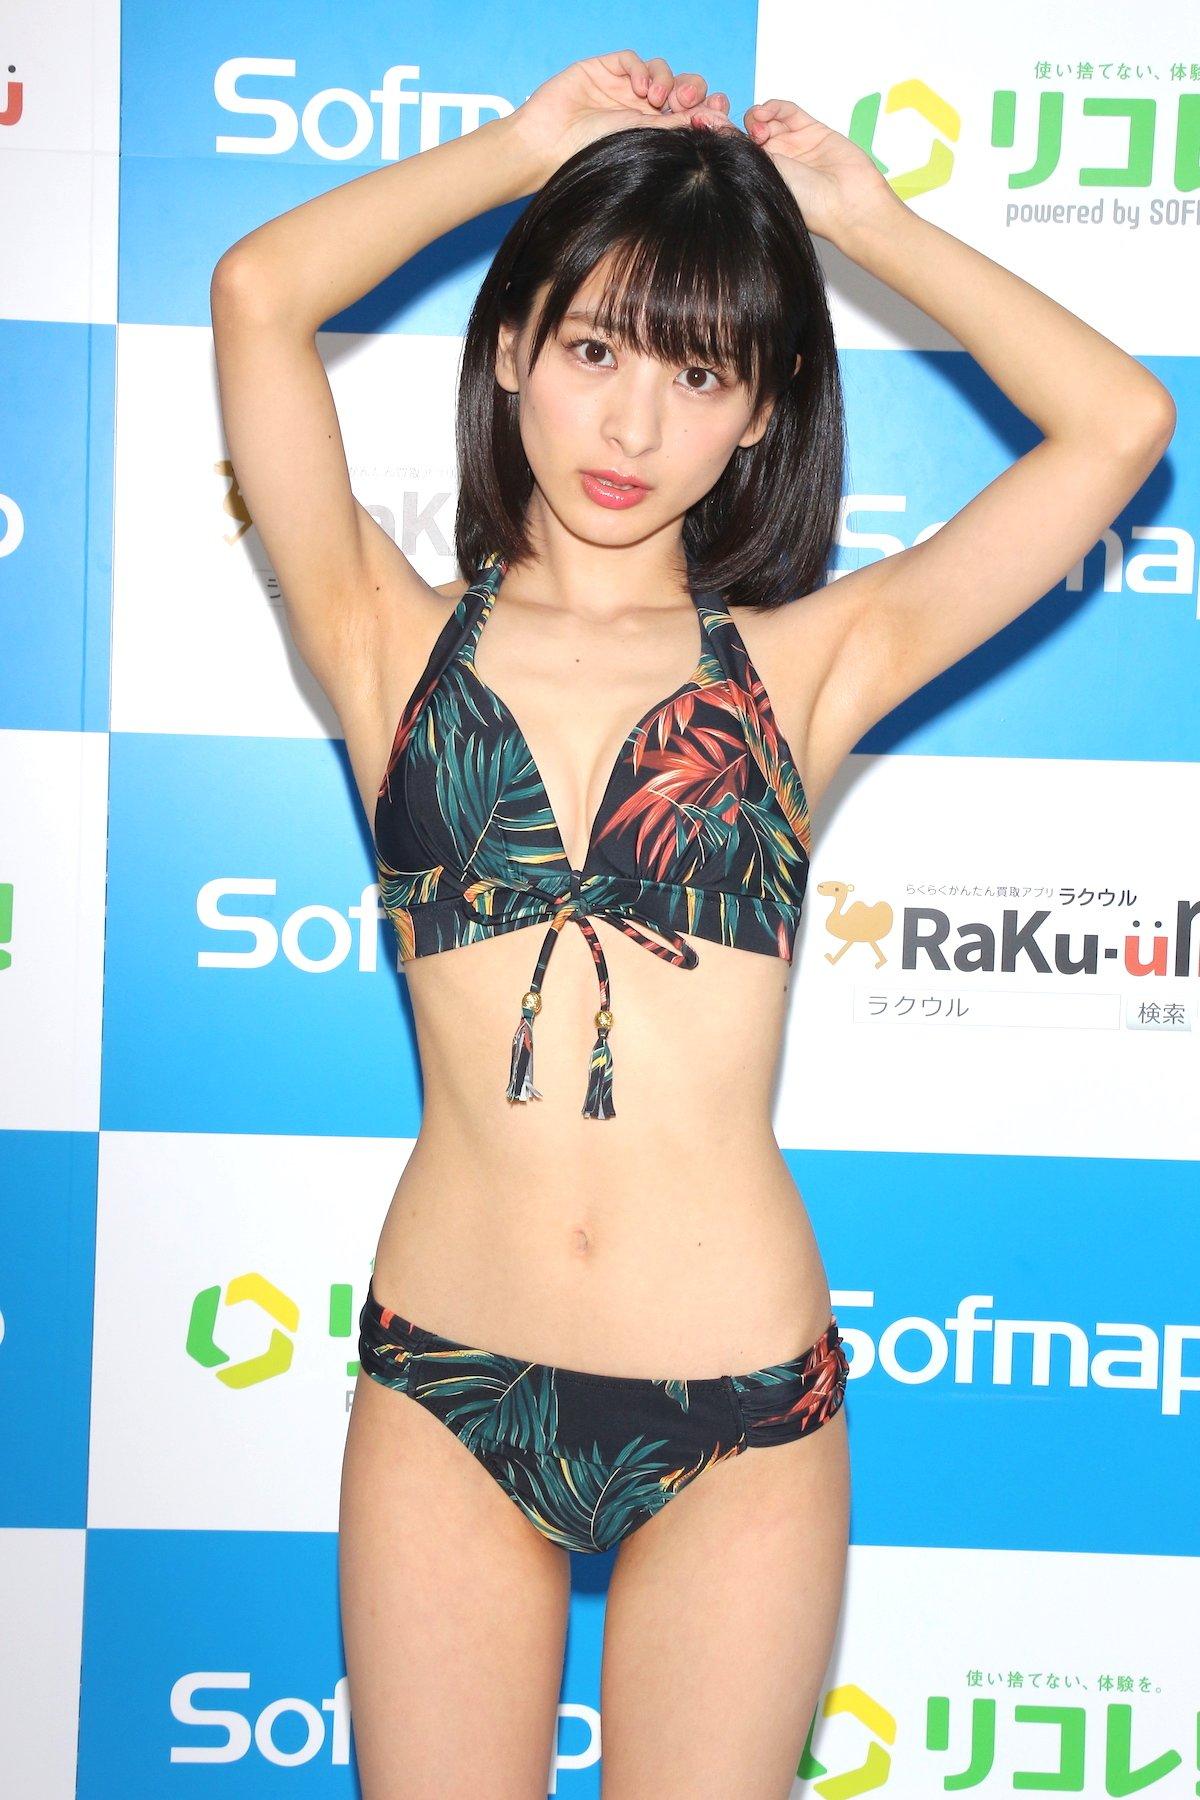 牧野澪菜「144cmのセクシーボディ」スクール水着でやらかしちゃった【画像61枚】の画像020